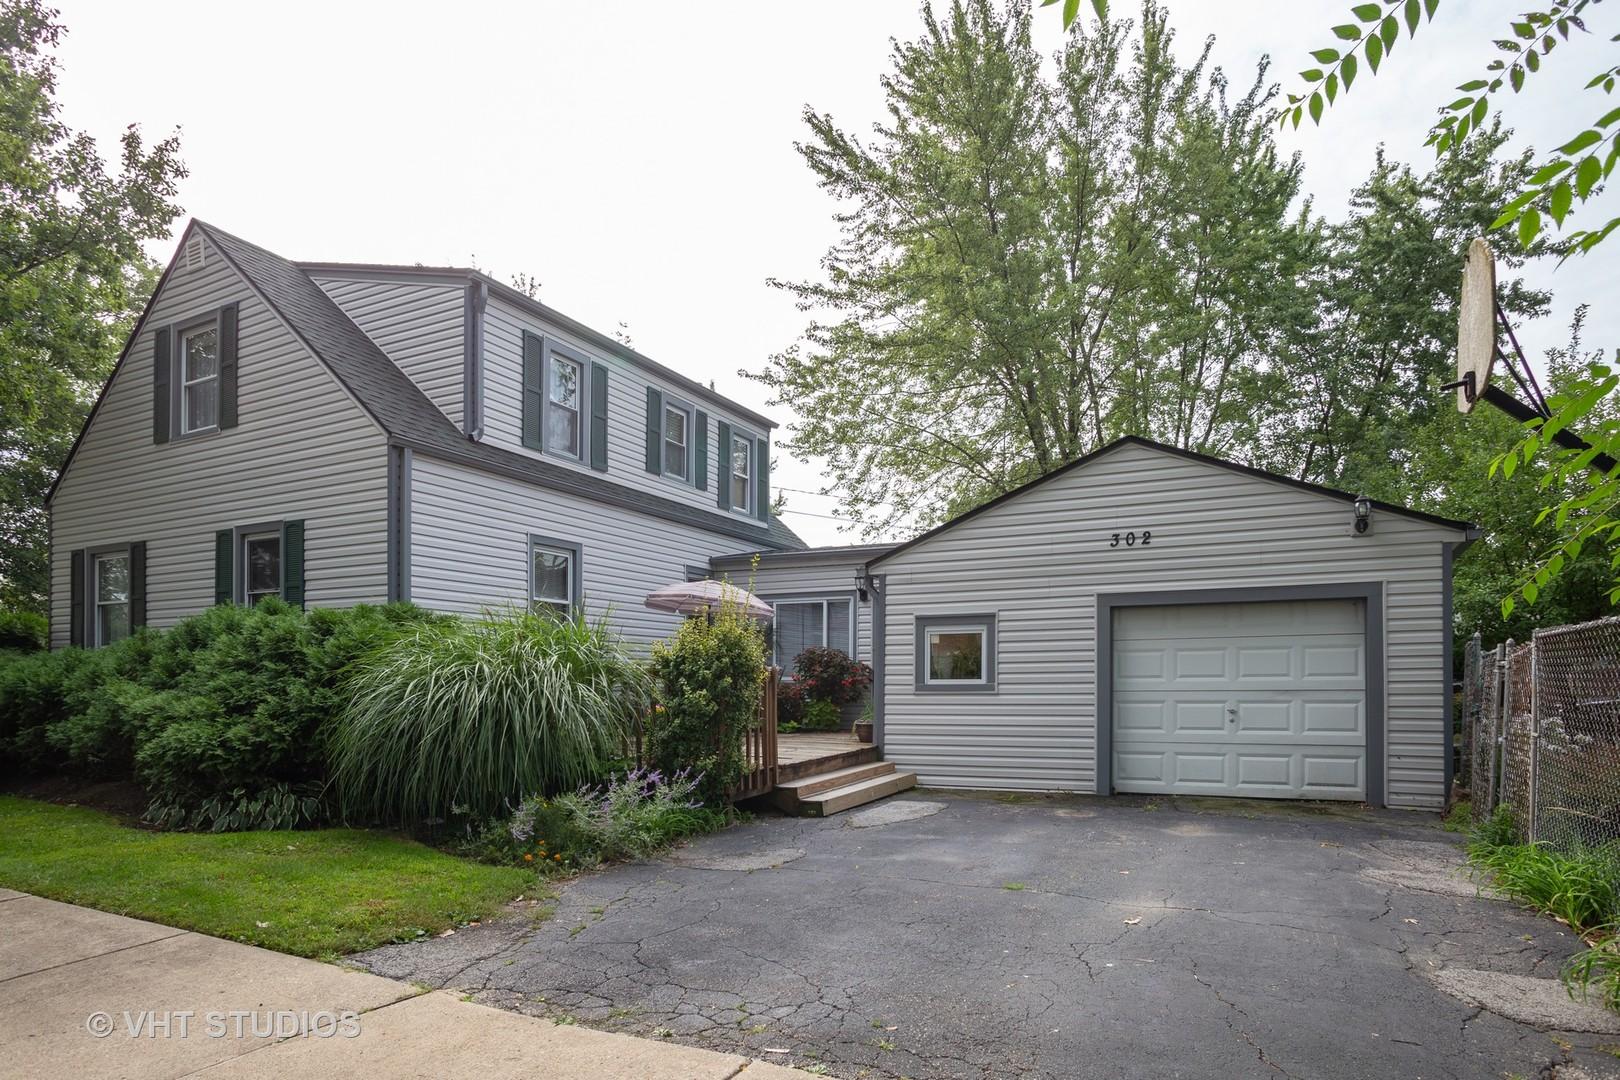 302 Barron, Bensenville, Illinois, 60106